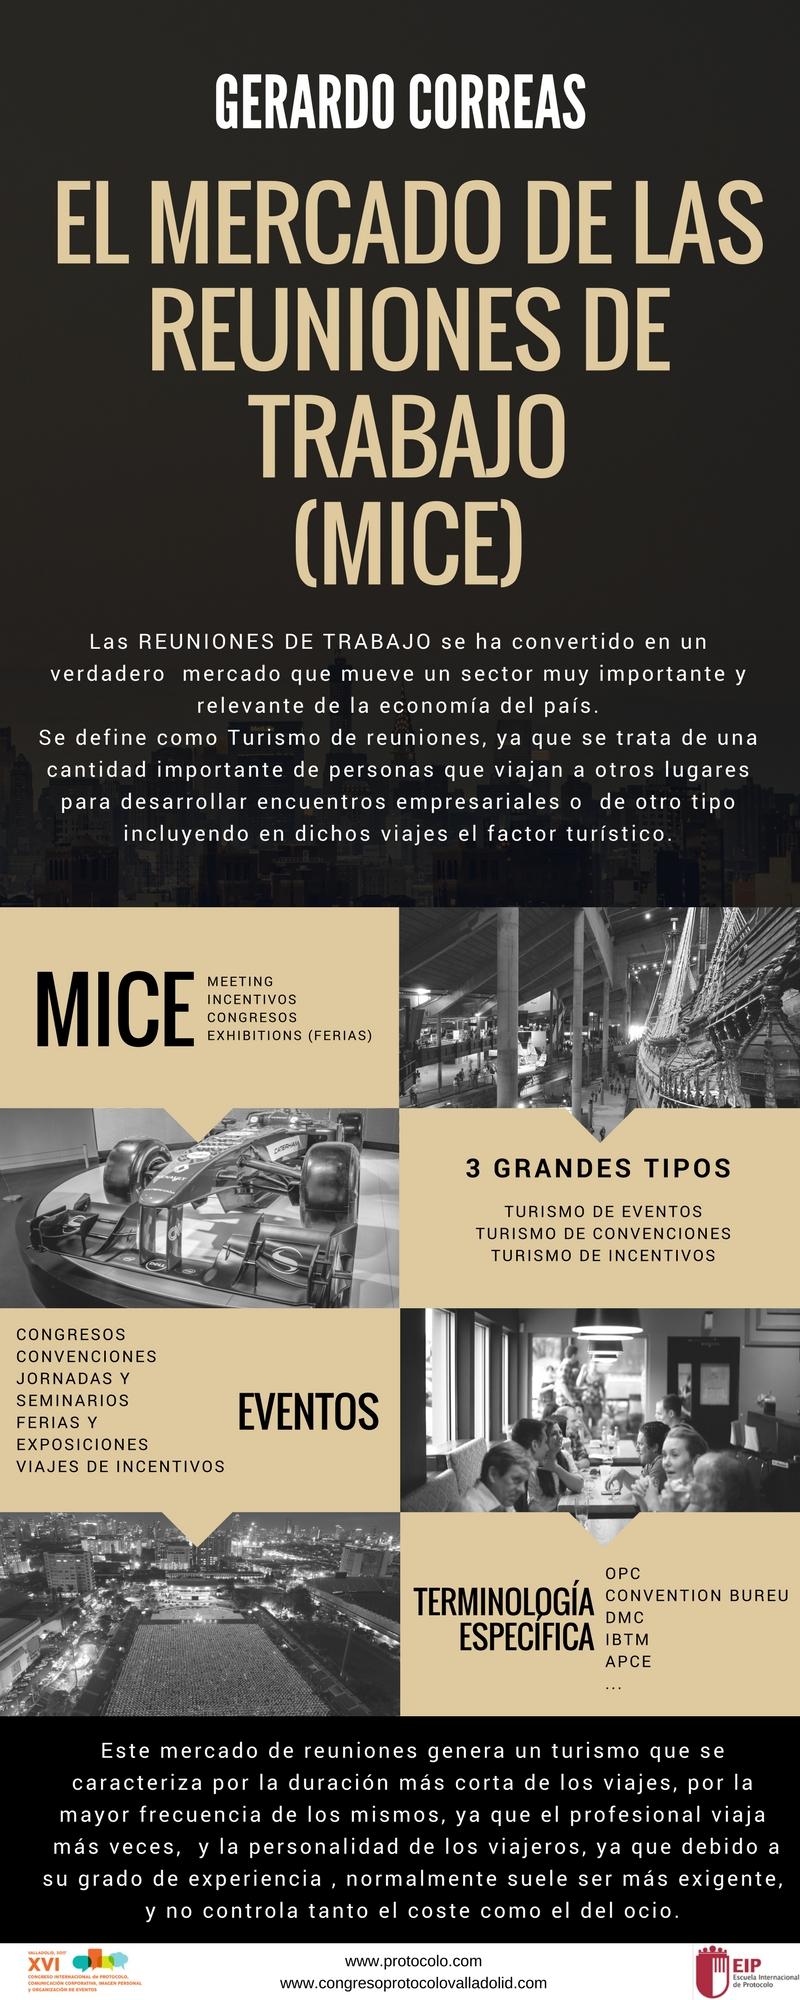 el_mercado_de_las_reuniones_de_trabajomice